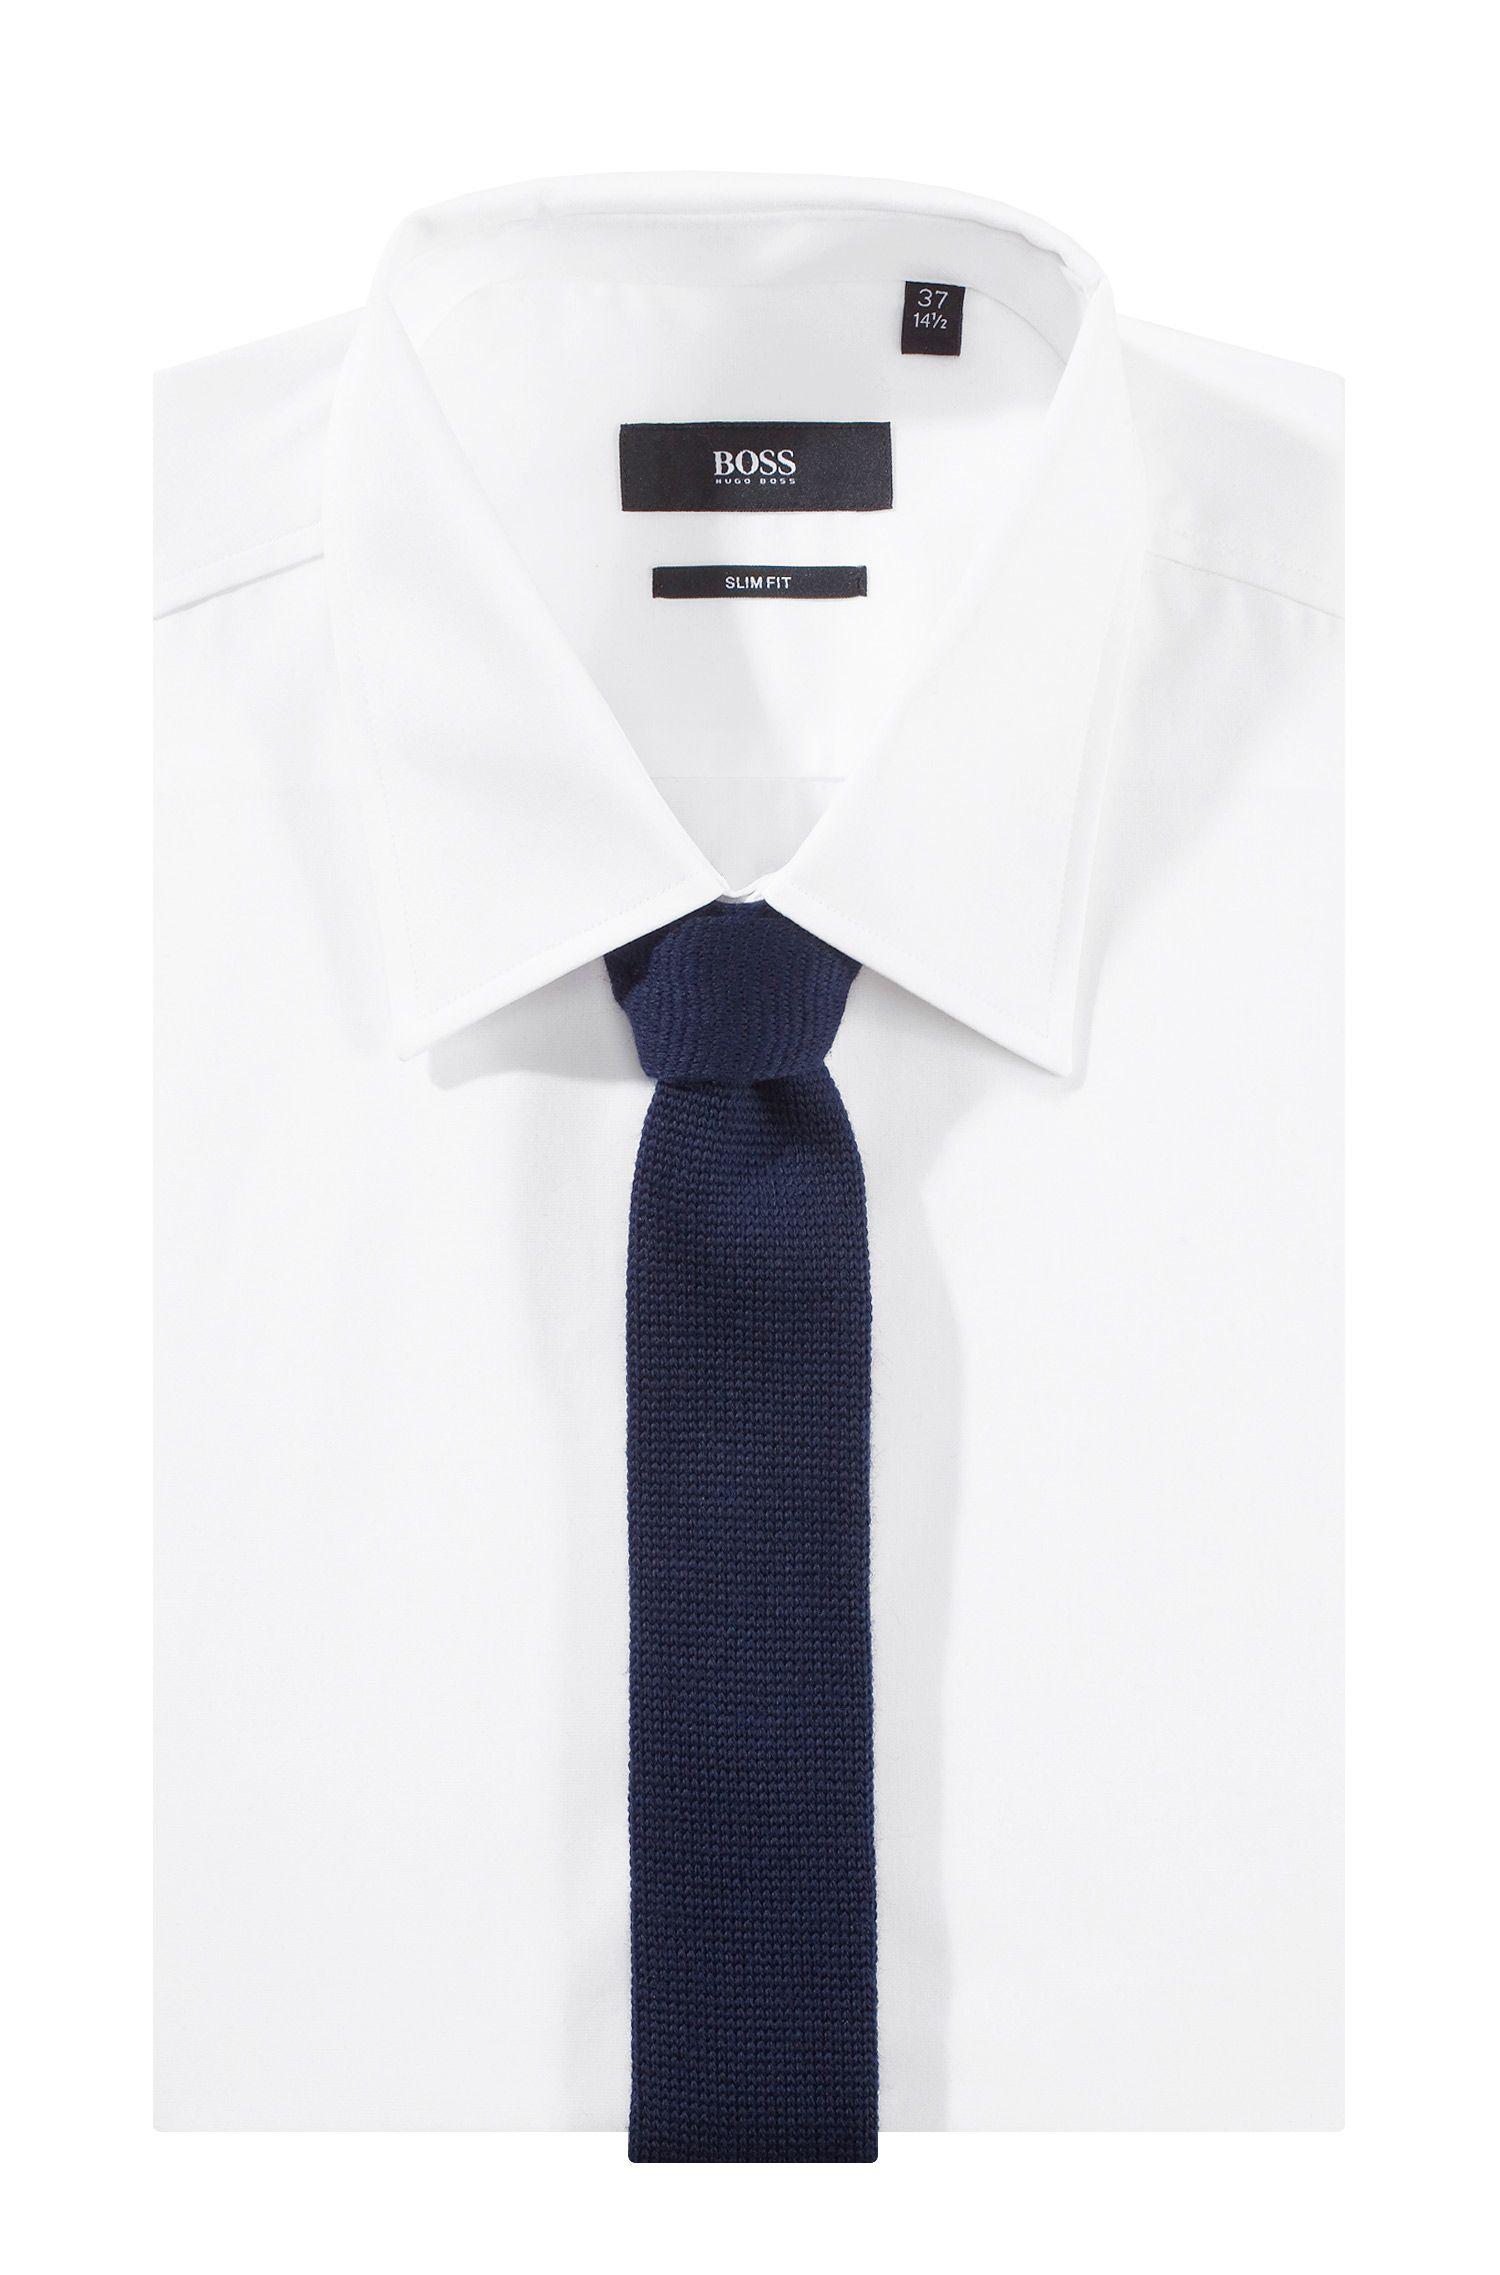 Cravate en laine, Tie 5 cm knitted